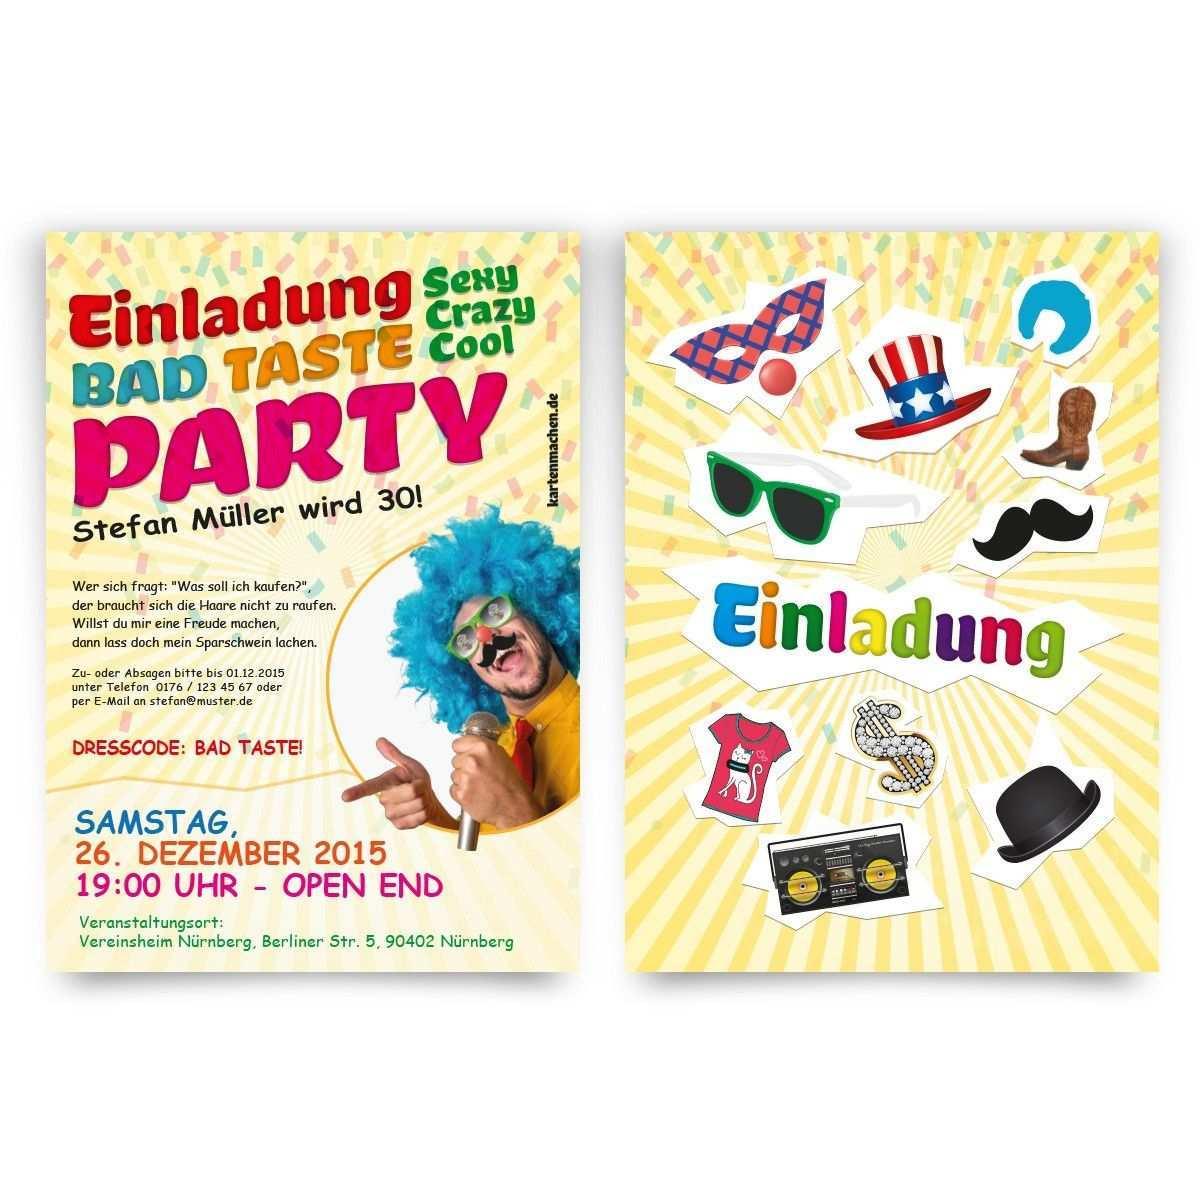 Einladungen Bad Taste Party Geburtstag Einladung Geburtstagseinladung Badtasteparty Badtaste Einladung Geburtstag Party Einladung Geburtstagseinladungen